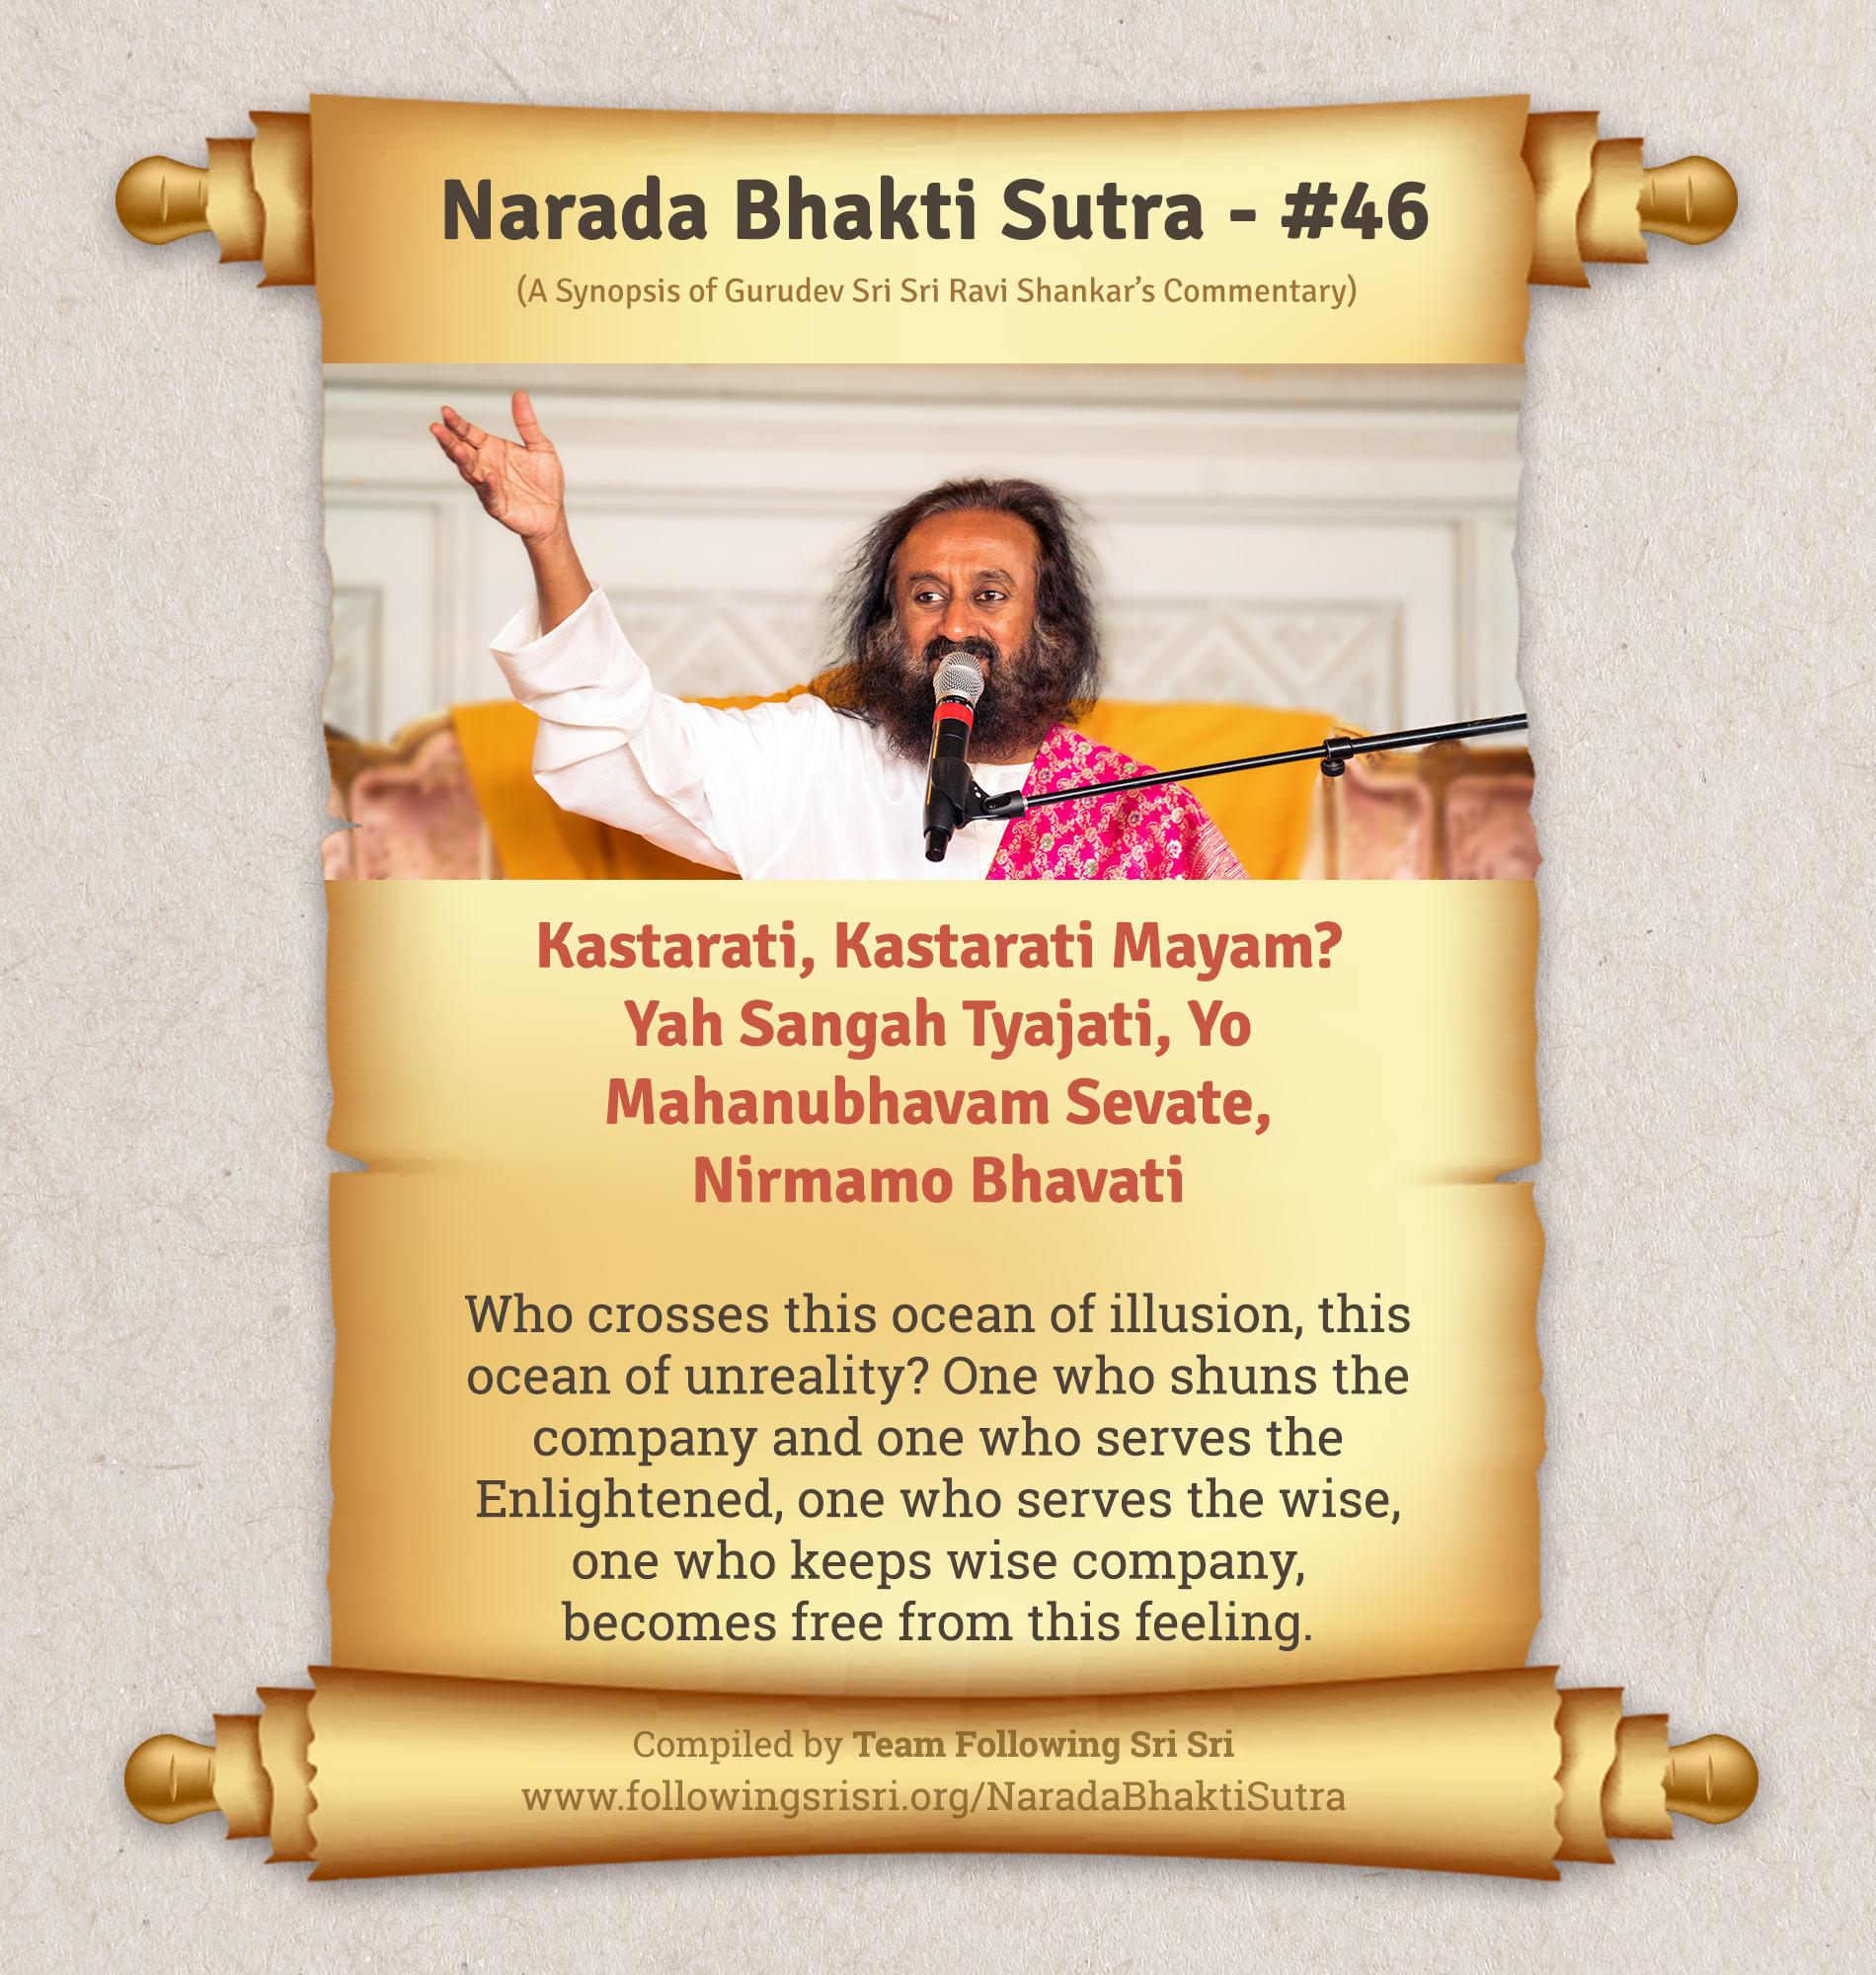 Narada Bhakti Sutras - Sutra 46